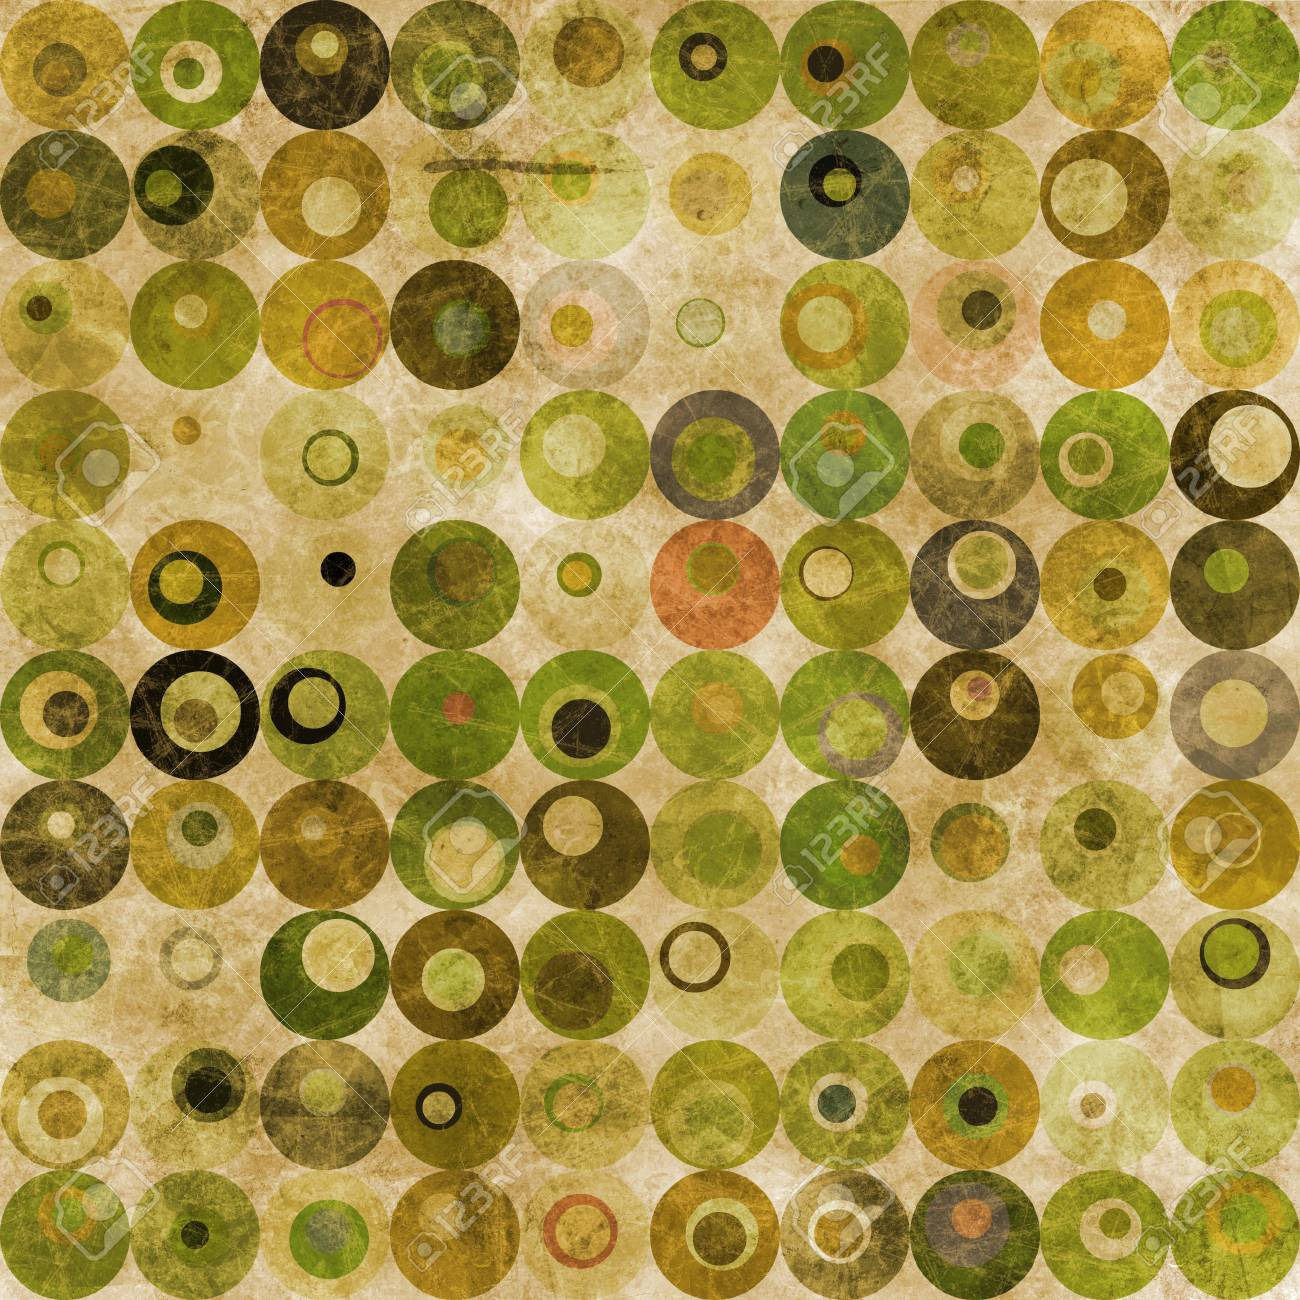 Abstract circles Stock Photo - 9365531